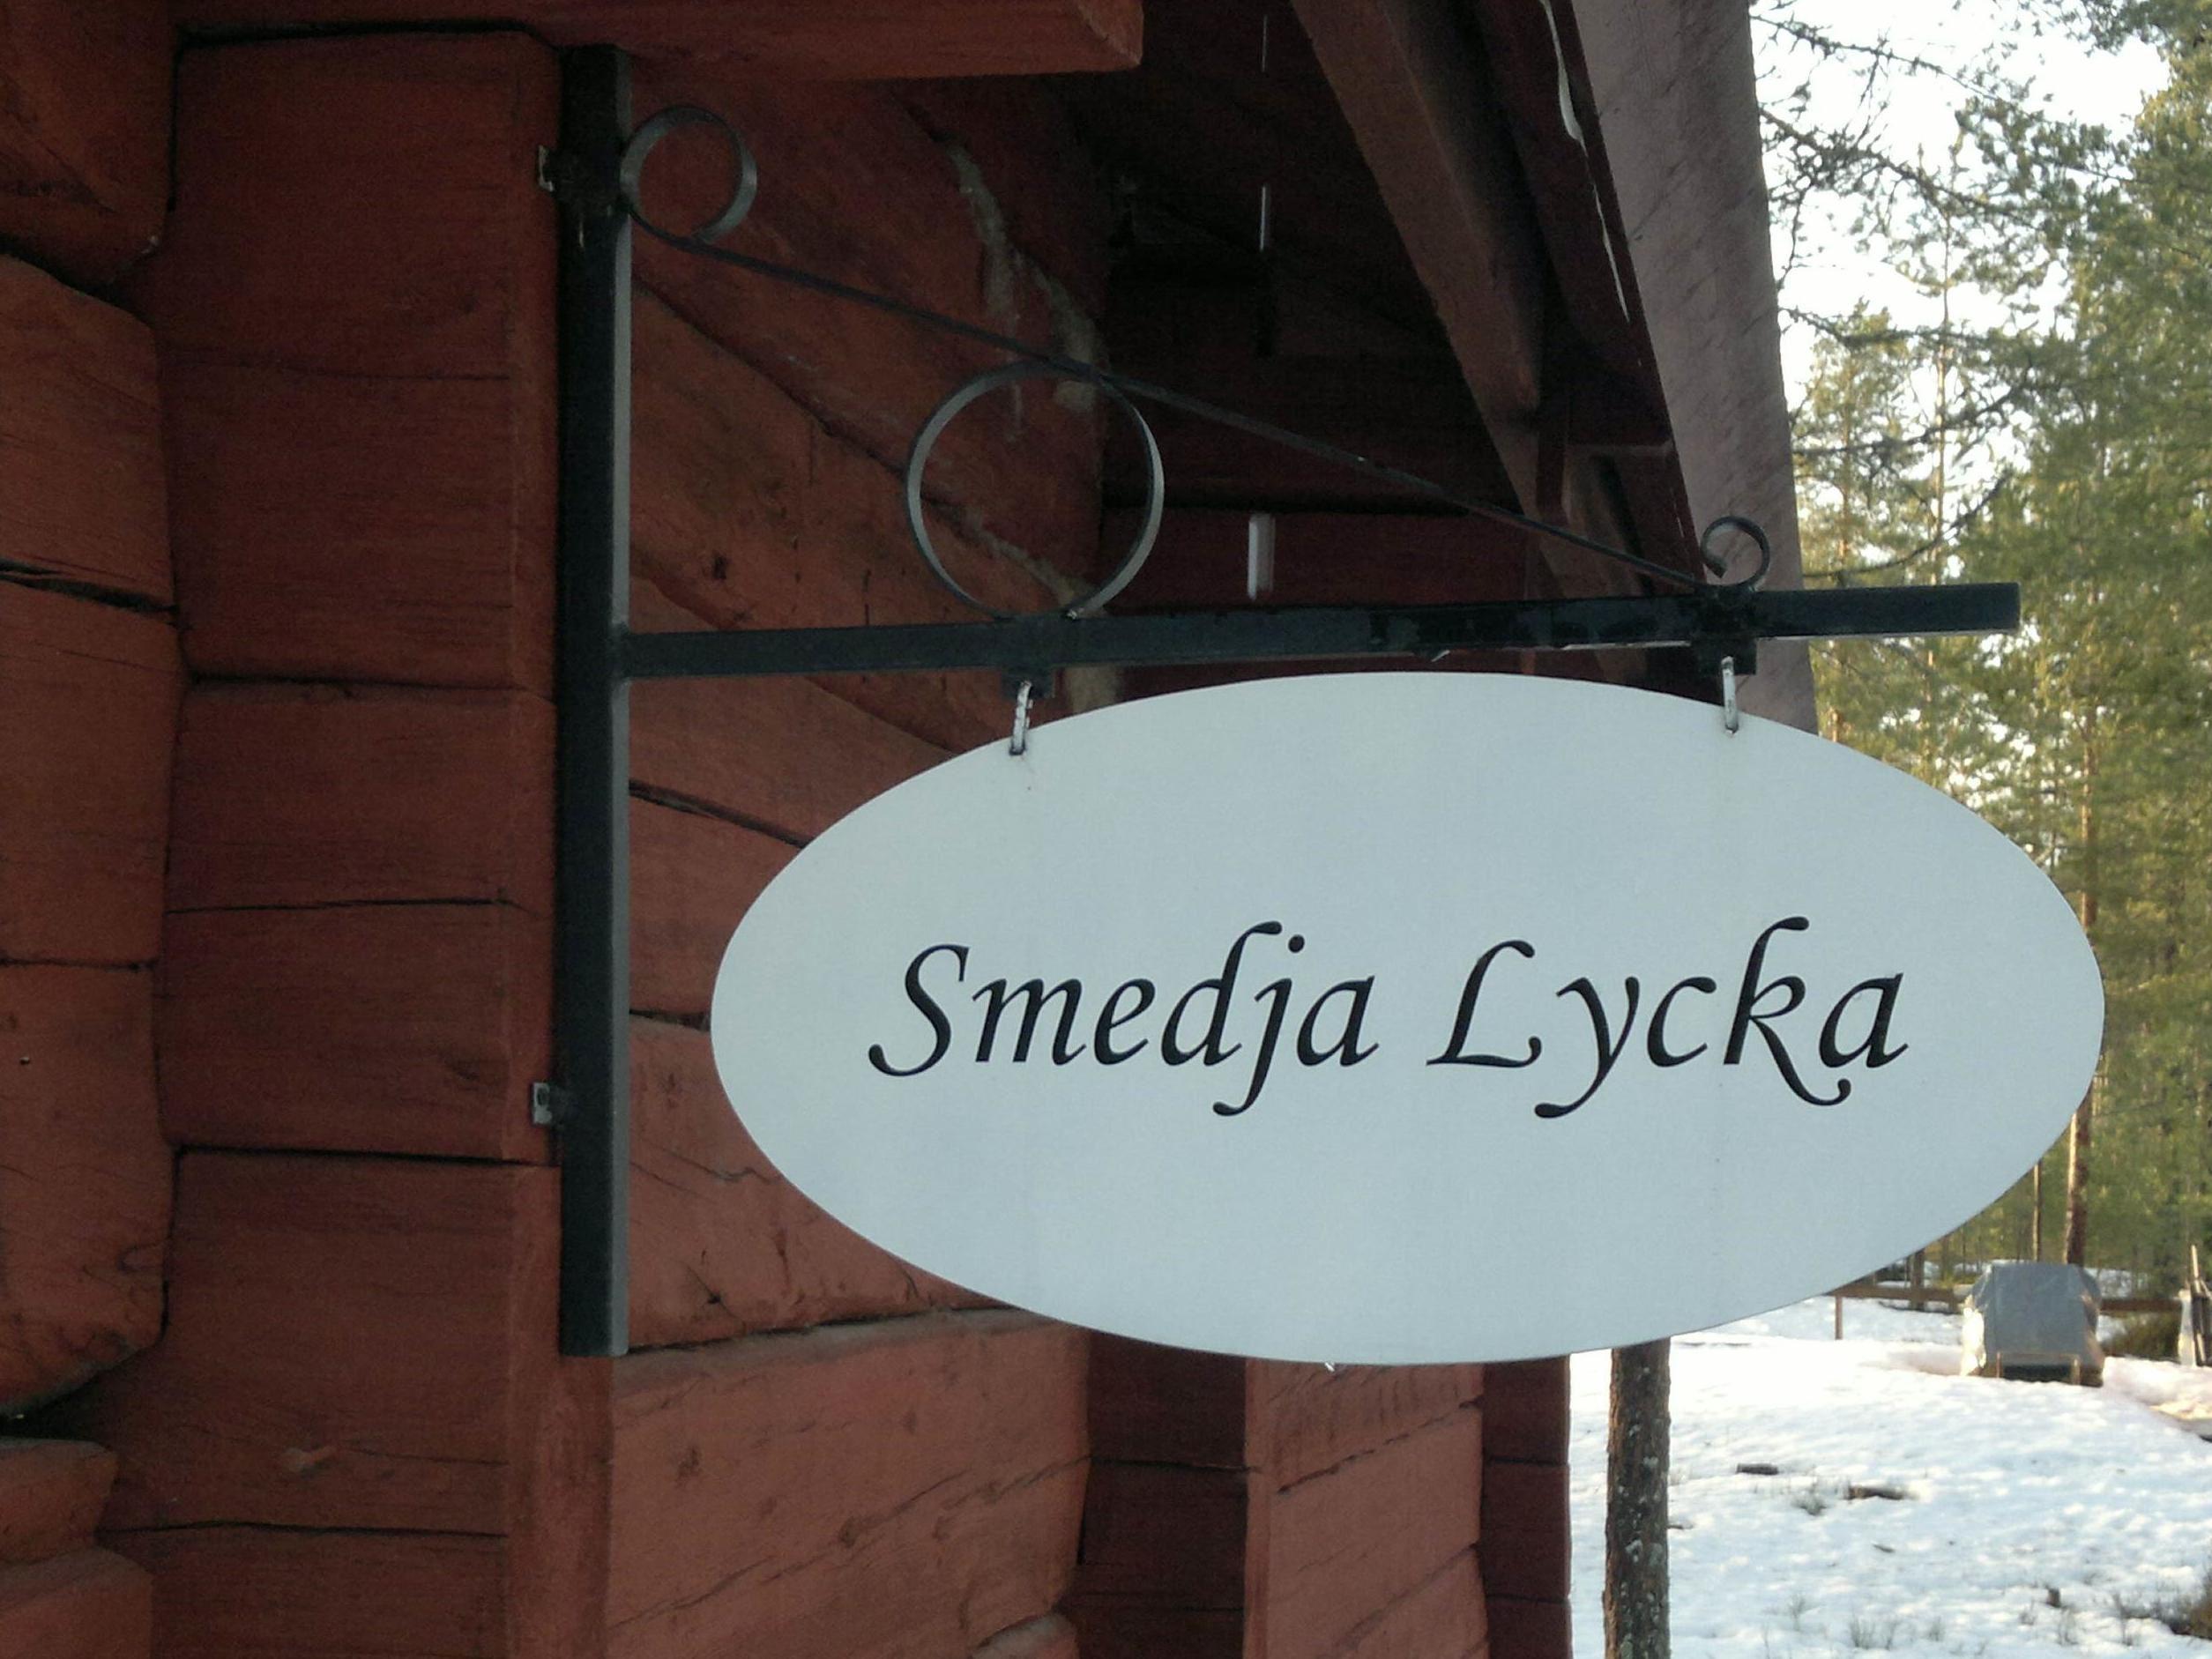 Smedja Lycka